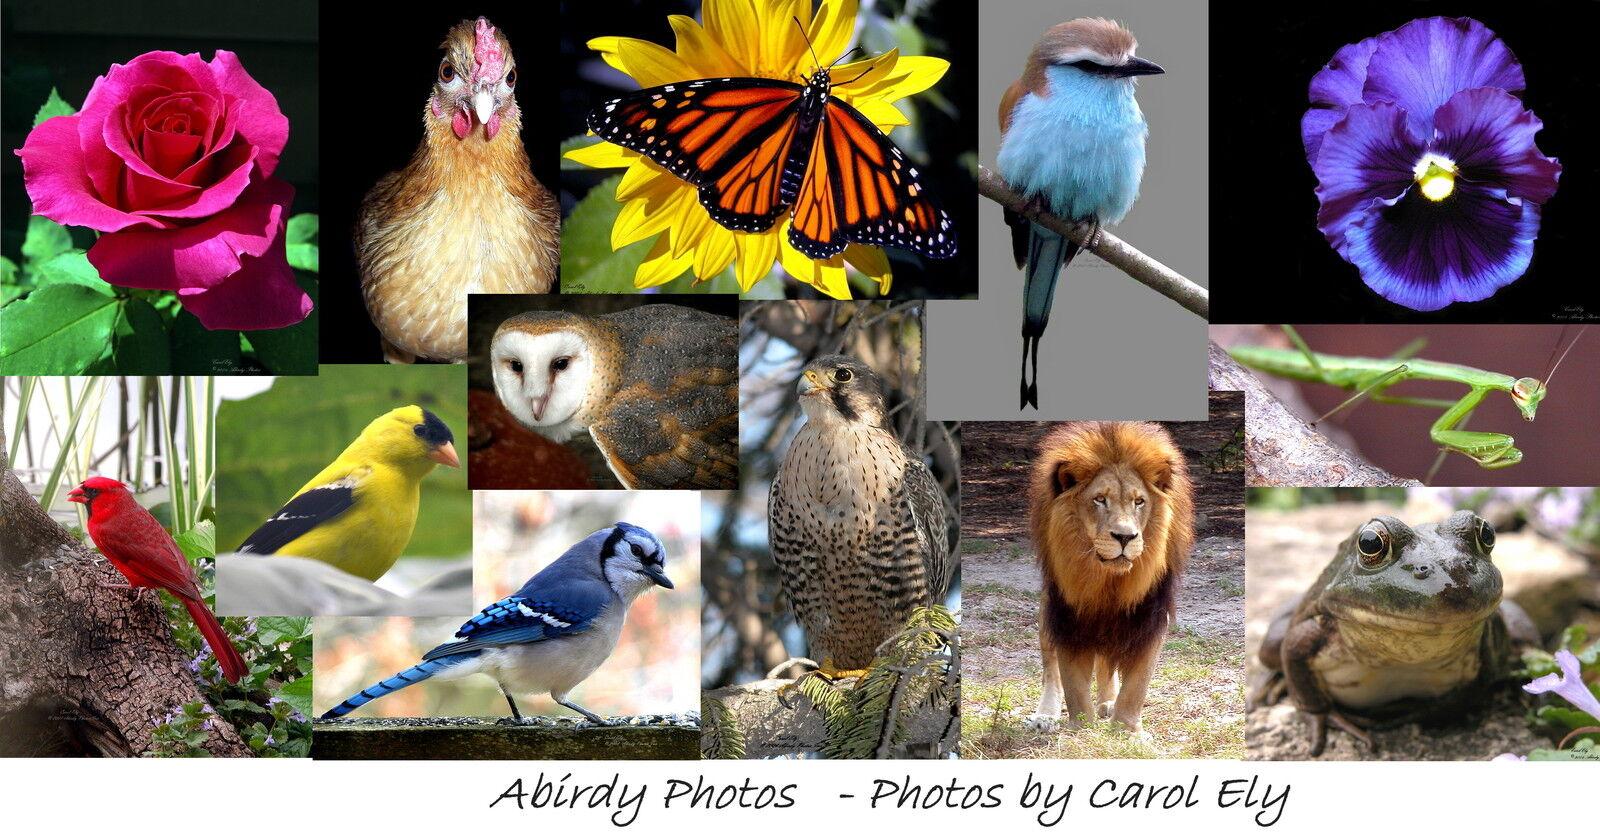 Abirdy Photos,  photos by Carol Ely